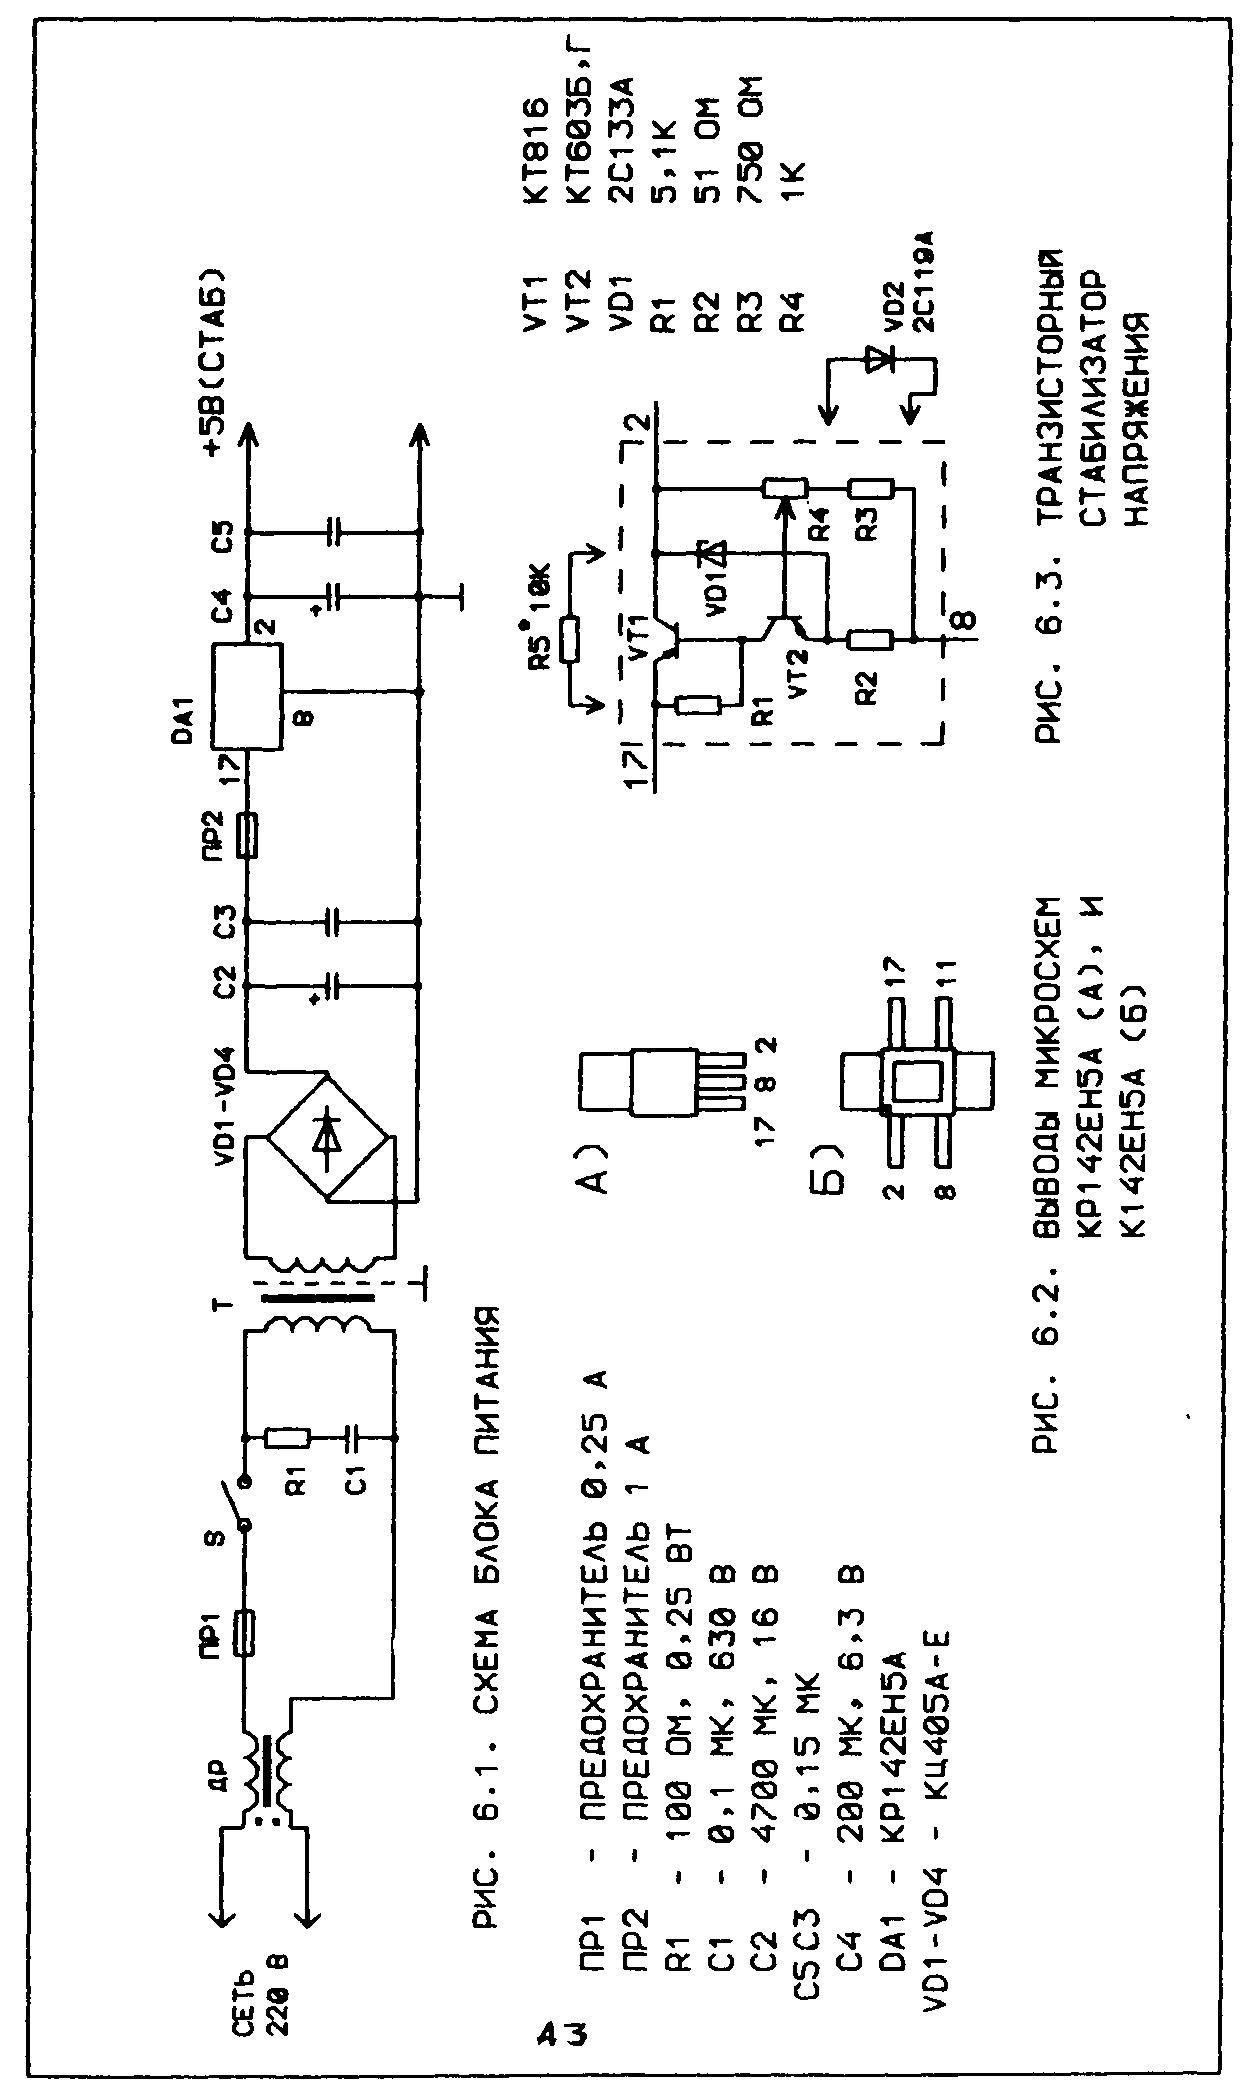 транзистор схема подключения полярность